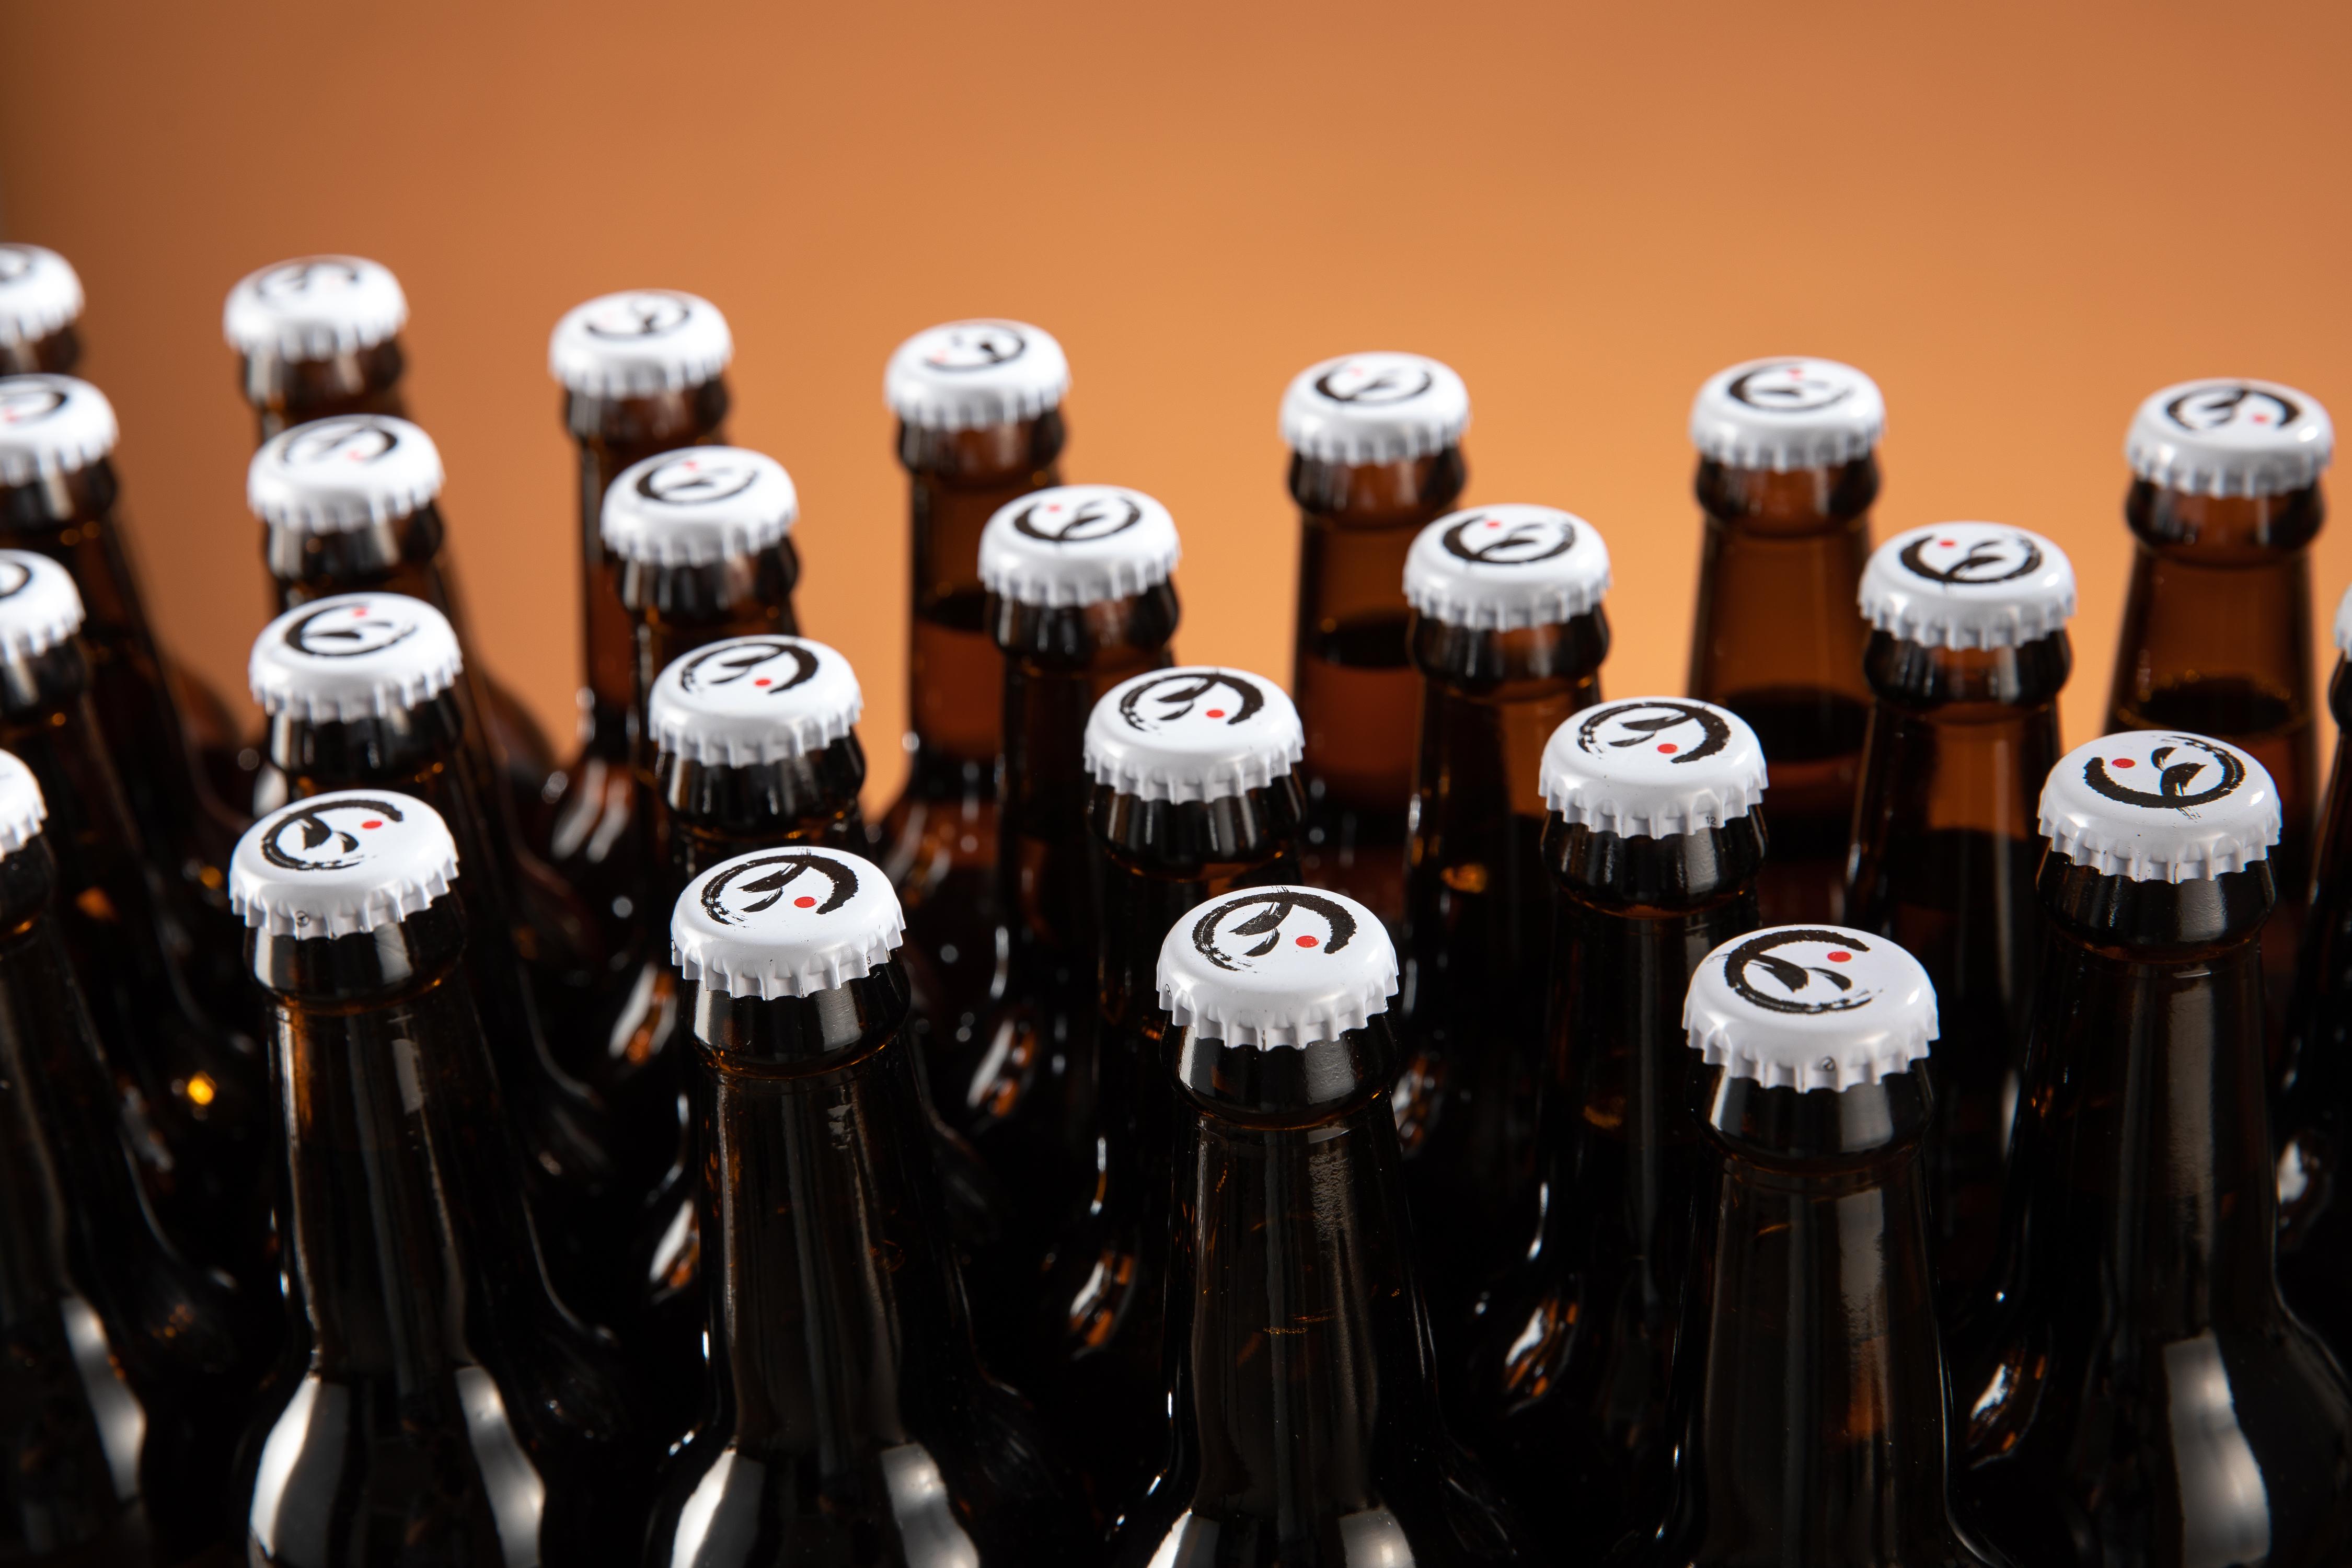 啤骚客水浒IPA啤酒市场价 真诚推荐「啤骚客供应」